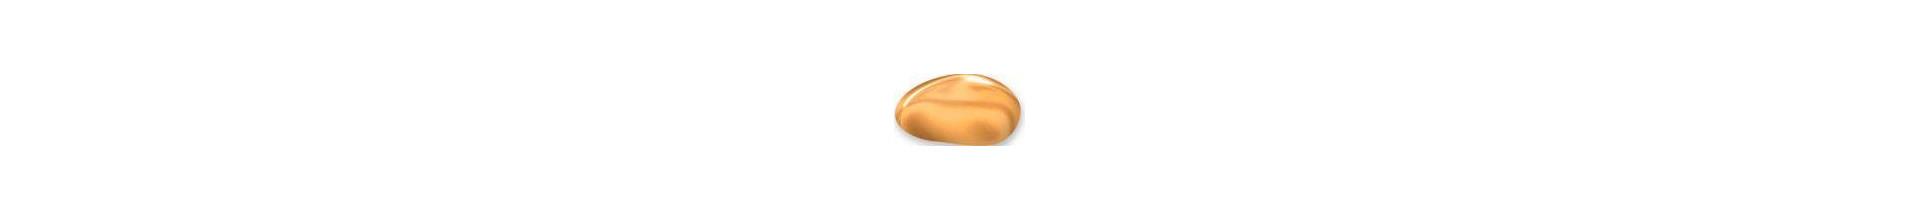 Dourada